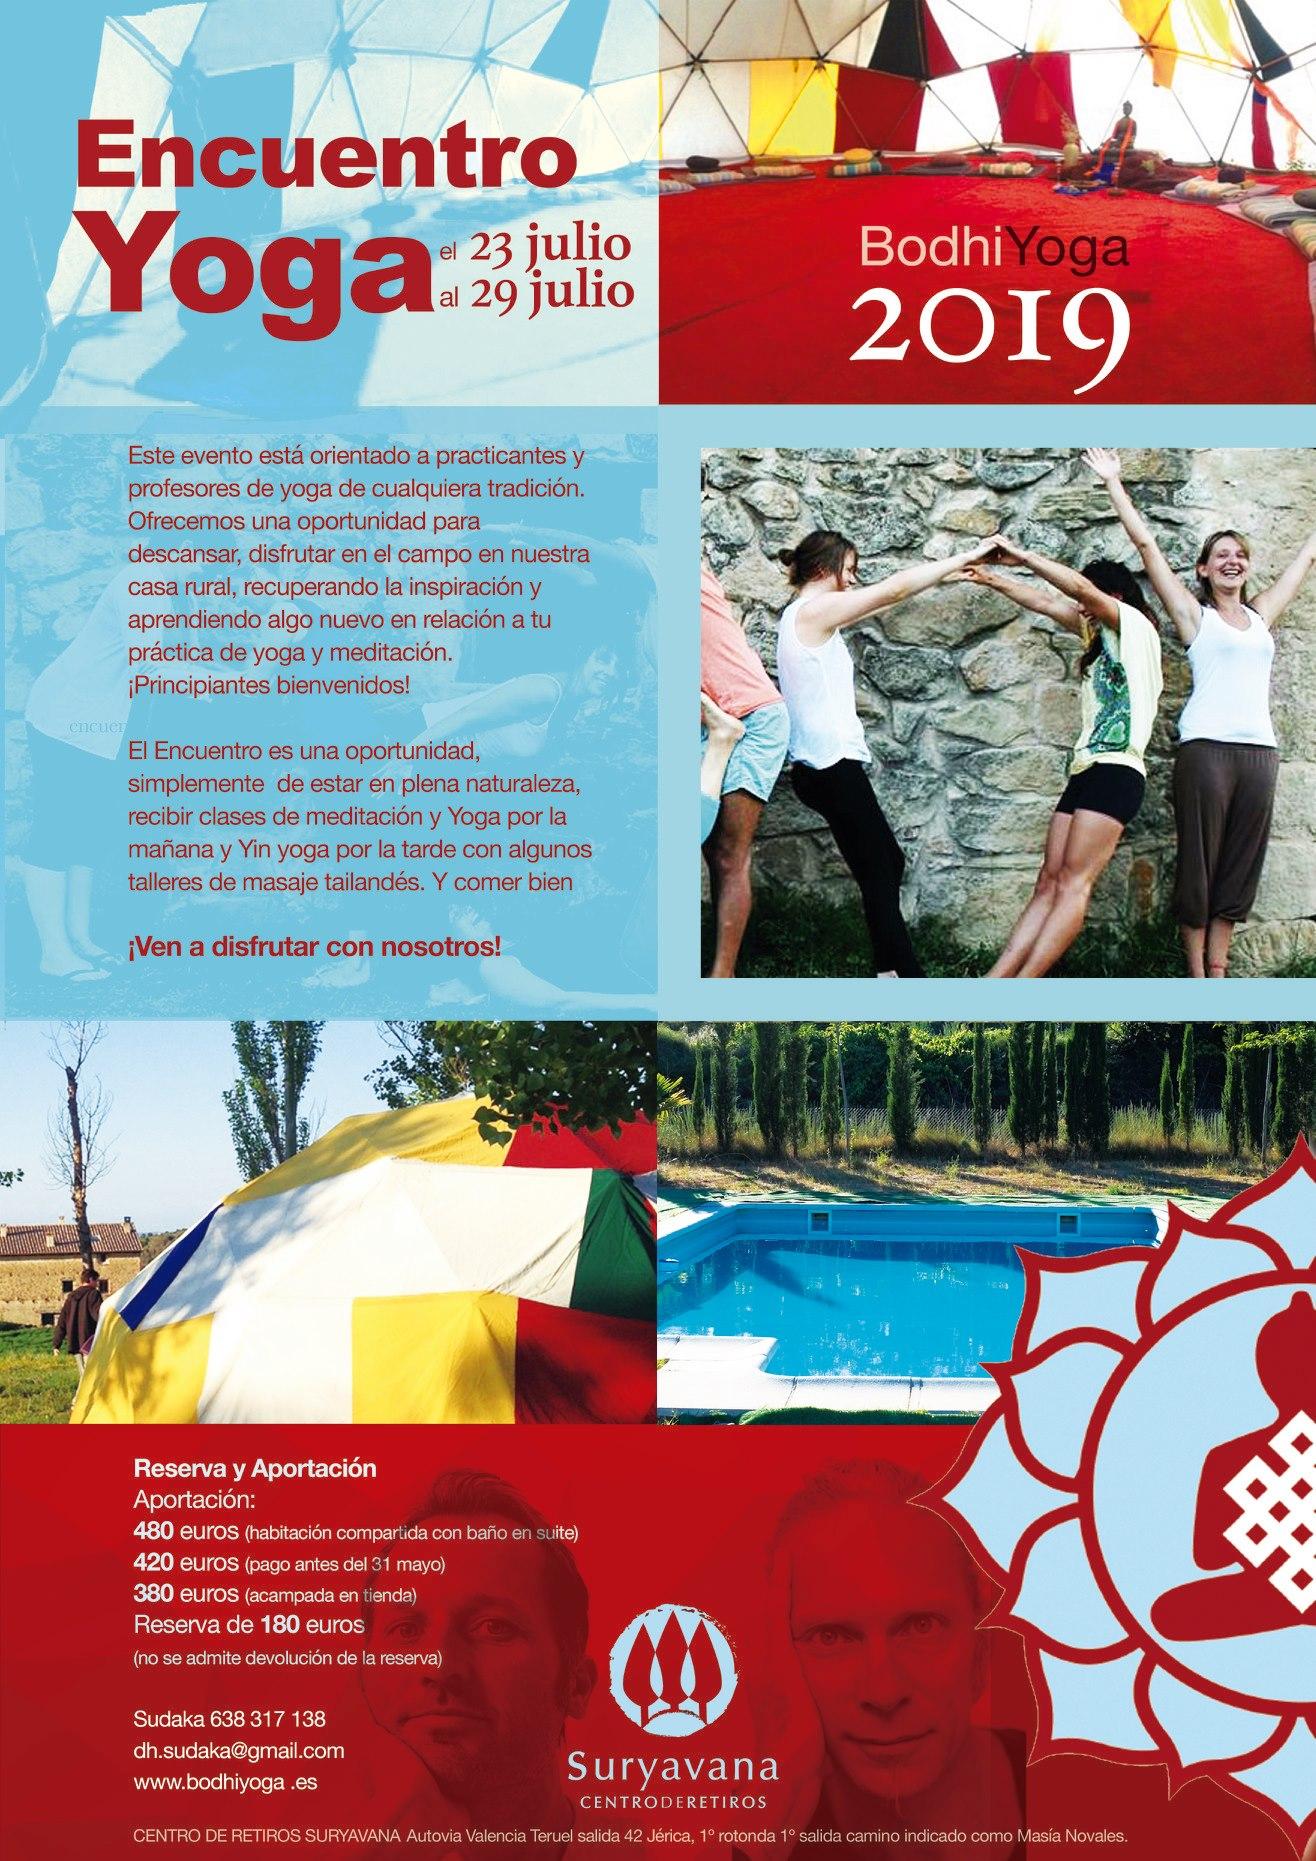 Encuentro Yoga 2019